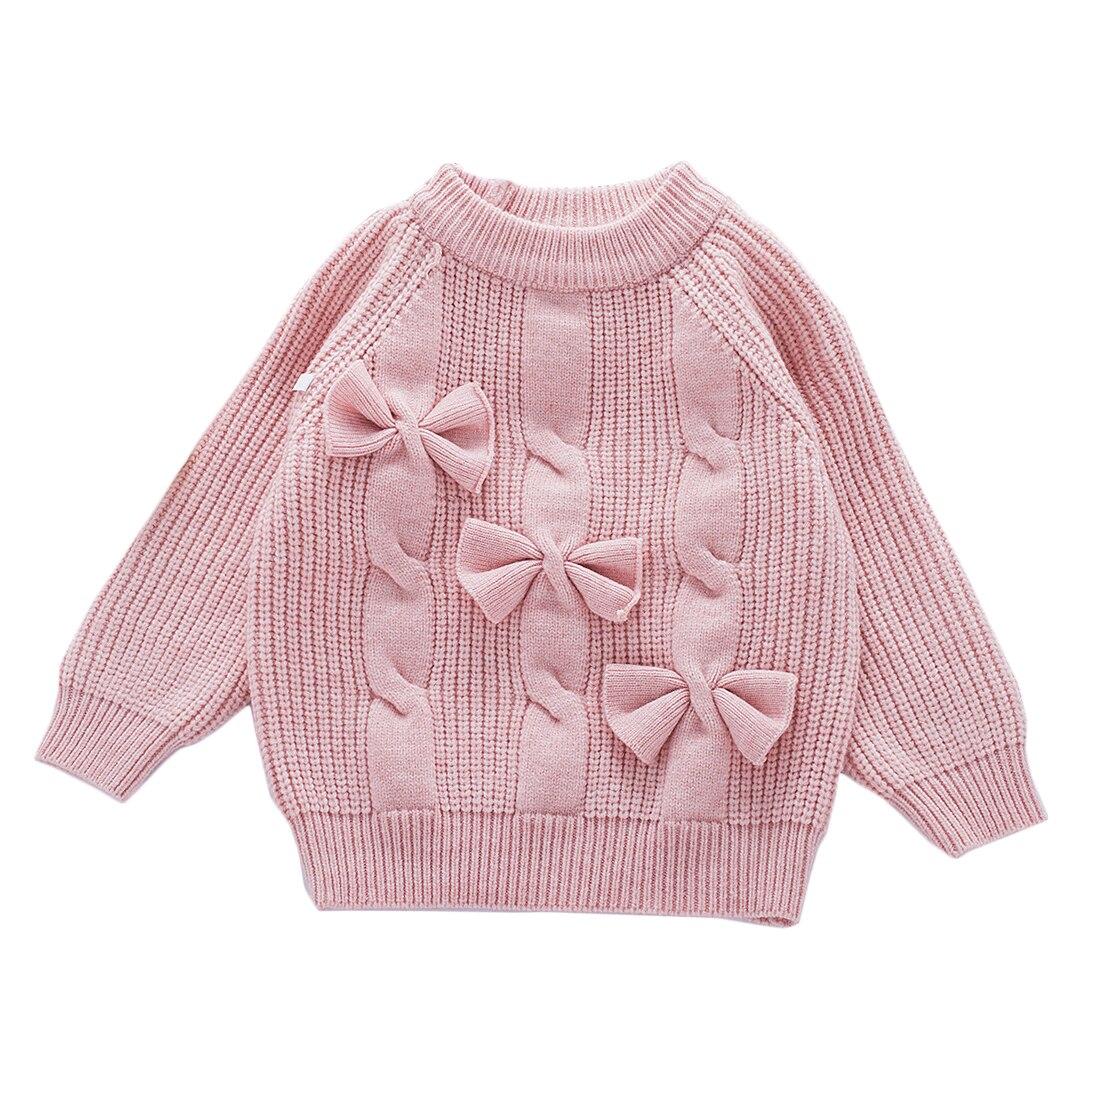 sunnymi Bekleidungssets f/ür Baby Jungen,1-6 Jahre Kleinkind Kinder Baby Jungen Cartoon Snug-Fit Pyjamas Outfits Sommerkleidung